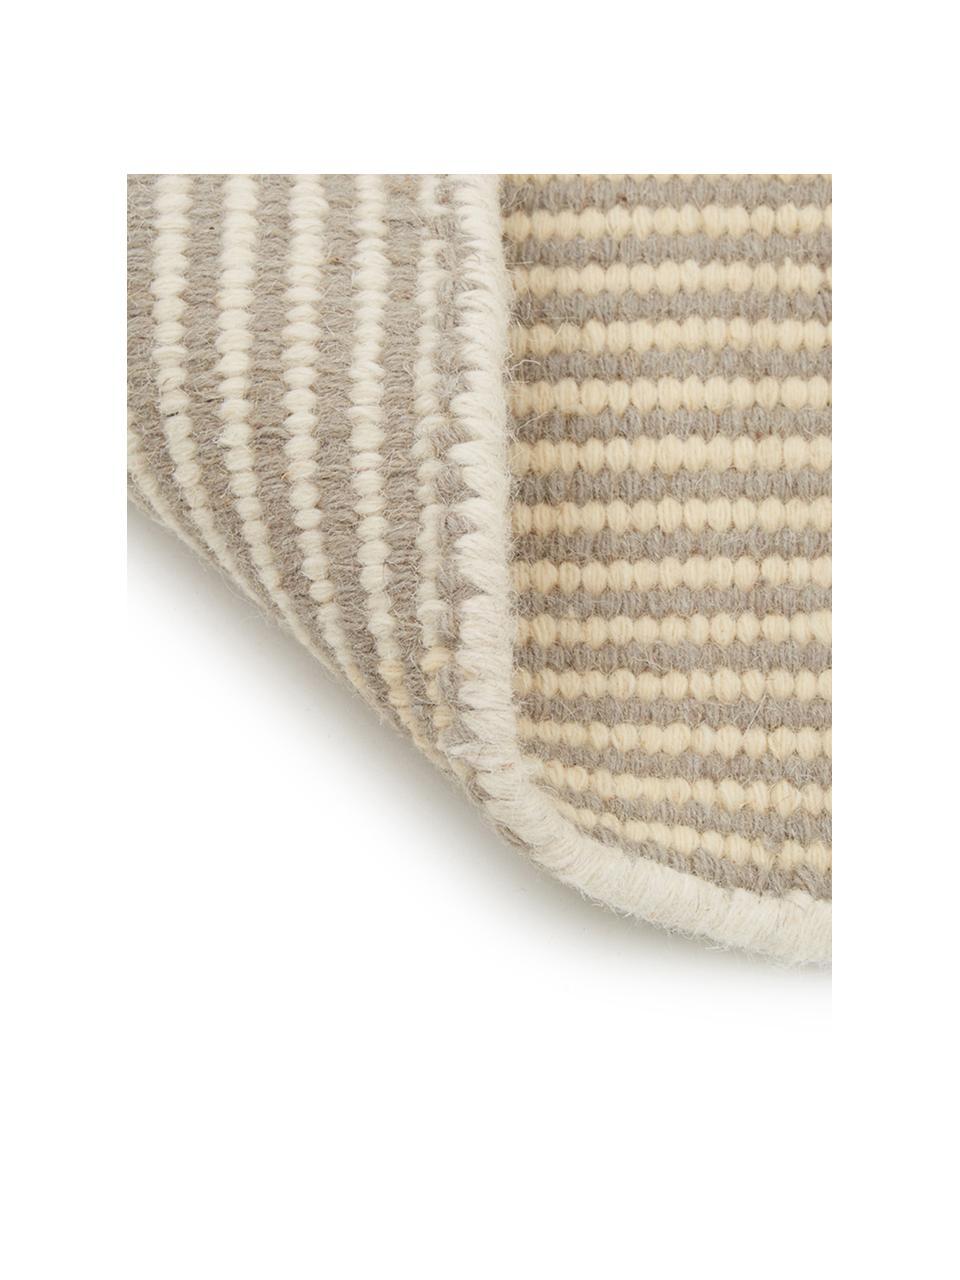 Gestreifter Kelimteppich Devise aus Wolle, handgewebt, 100% Wolle  Bei Wollteppichen können sich in den ersten Wochen der Nutzung Fasern lösen, dies reduziert sich durch den täglichen Gebrauch und die Flusenbildung geht zurück., Mehrfarbig, B 200 x L 300 cm (Größe L)